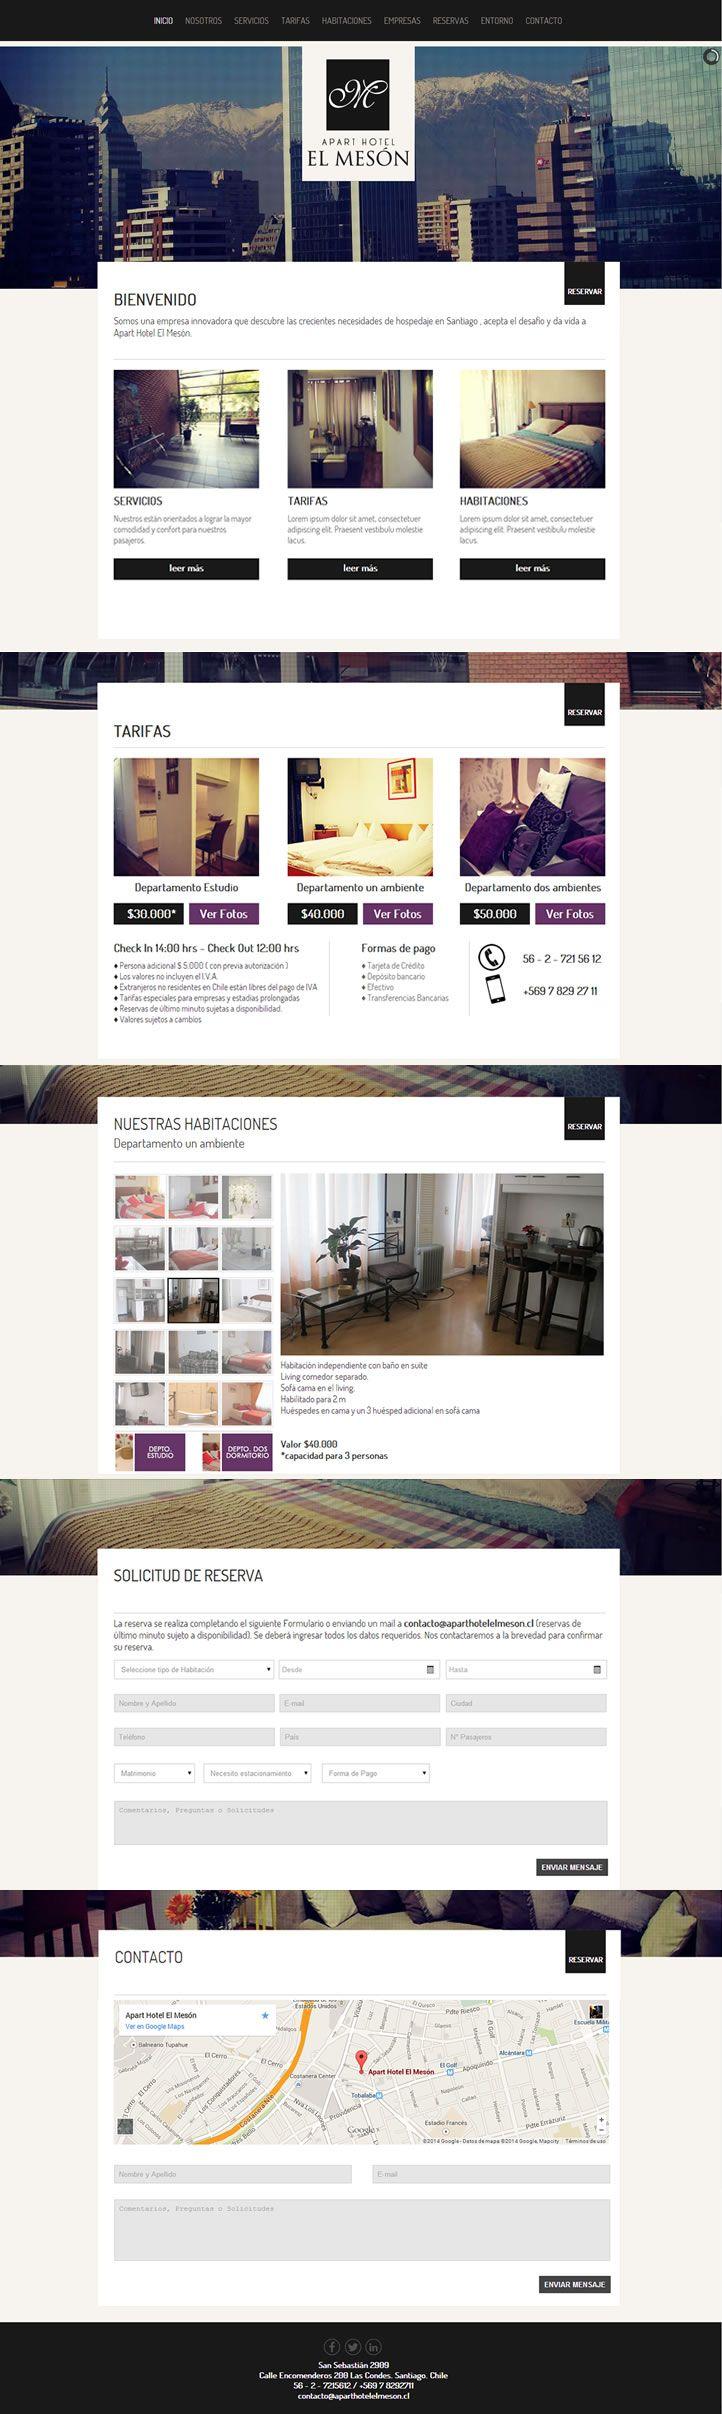 Sitio web desarrollado para El Mesón Apart Hotel http://www.aparthotelelmeson.cl/